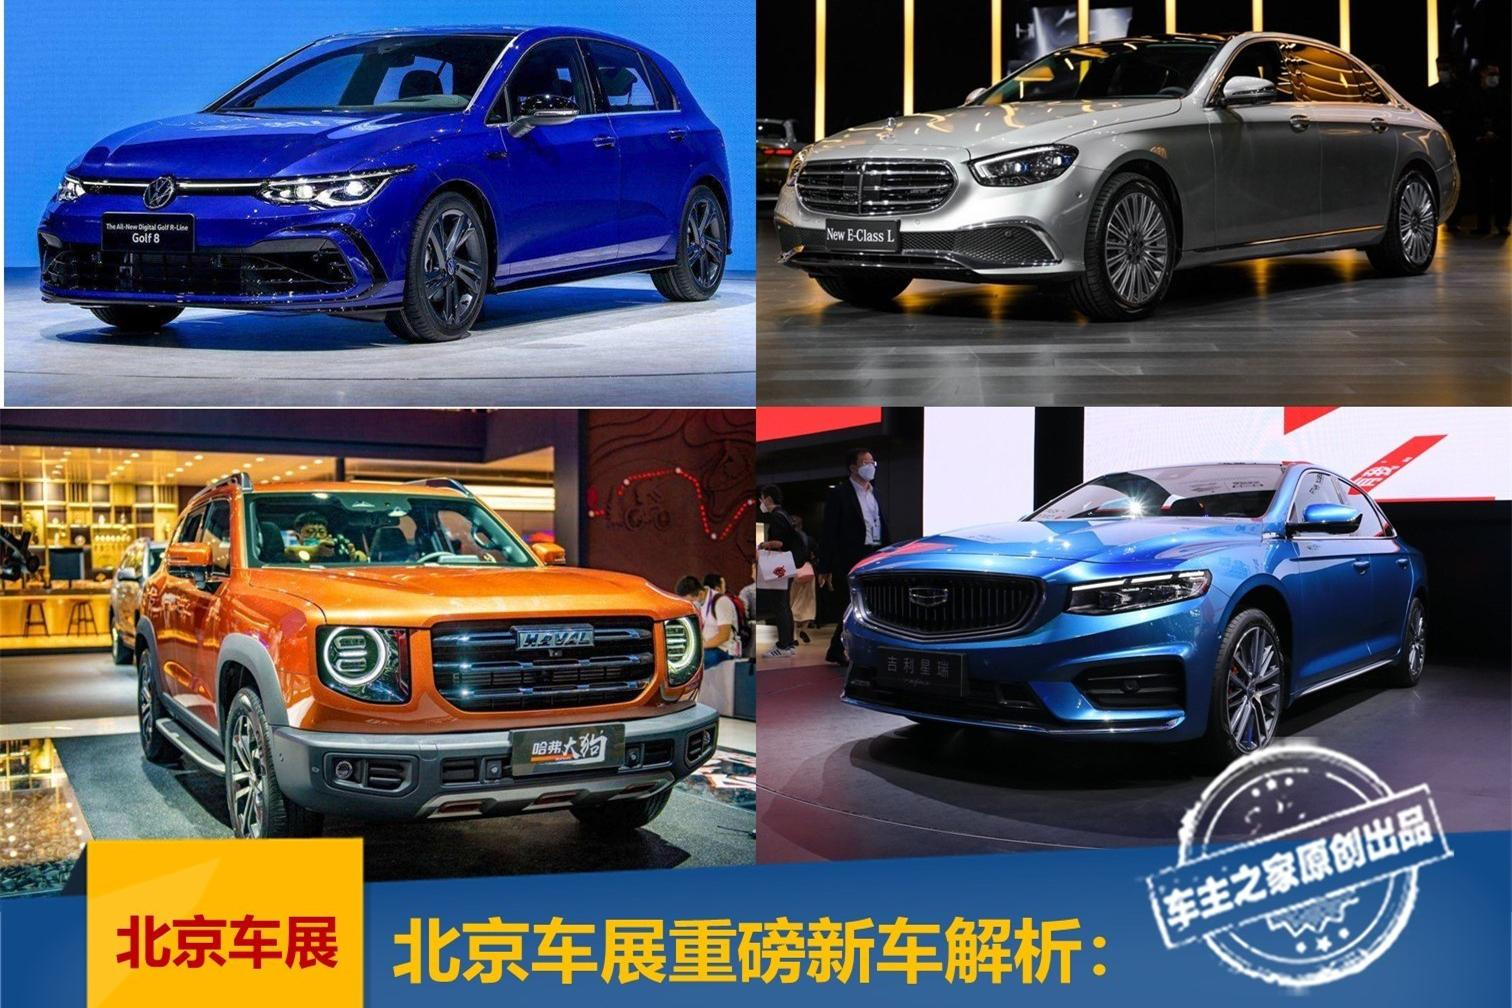 北京车展重磅新车解析:E级动力仍弱鸡 高尔夫预售就15万起